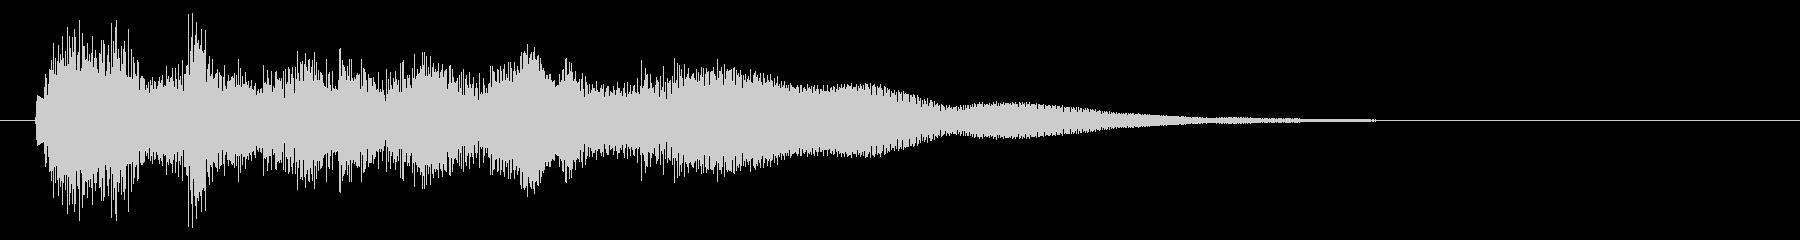 スタイリッシュな決定音の未再生の波形